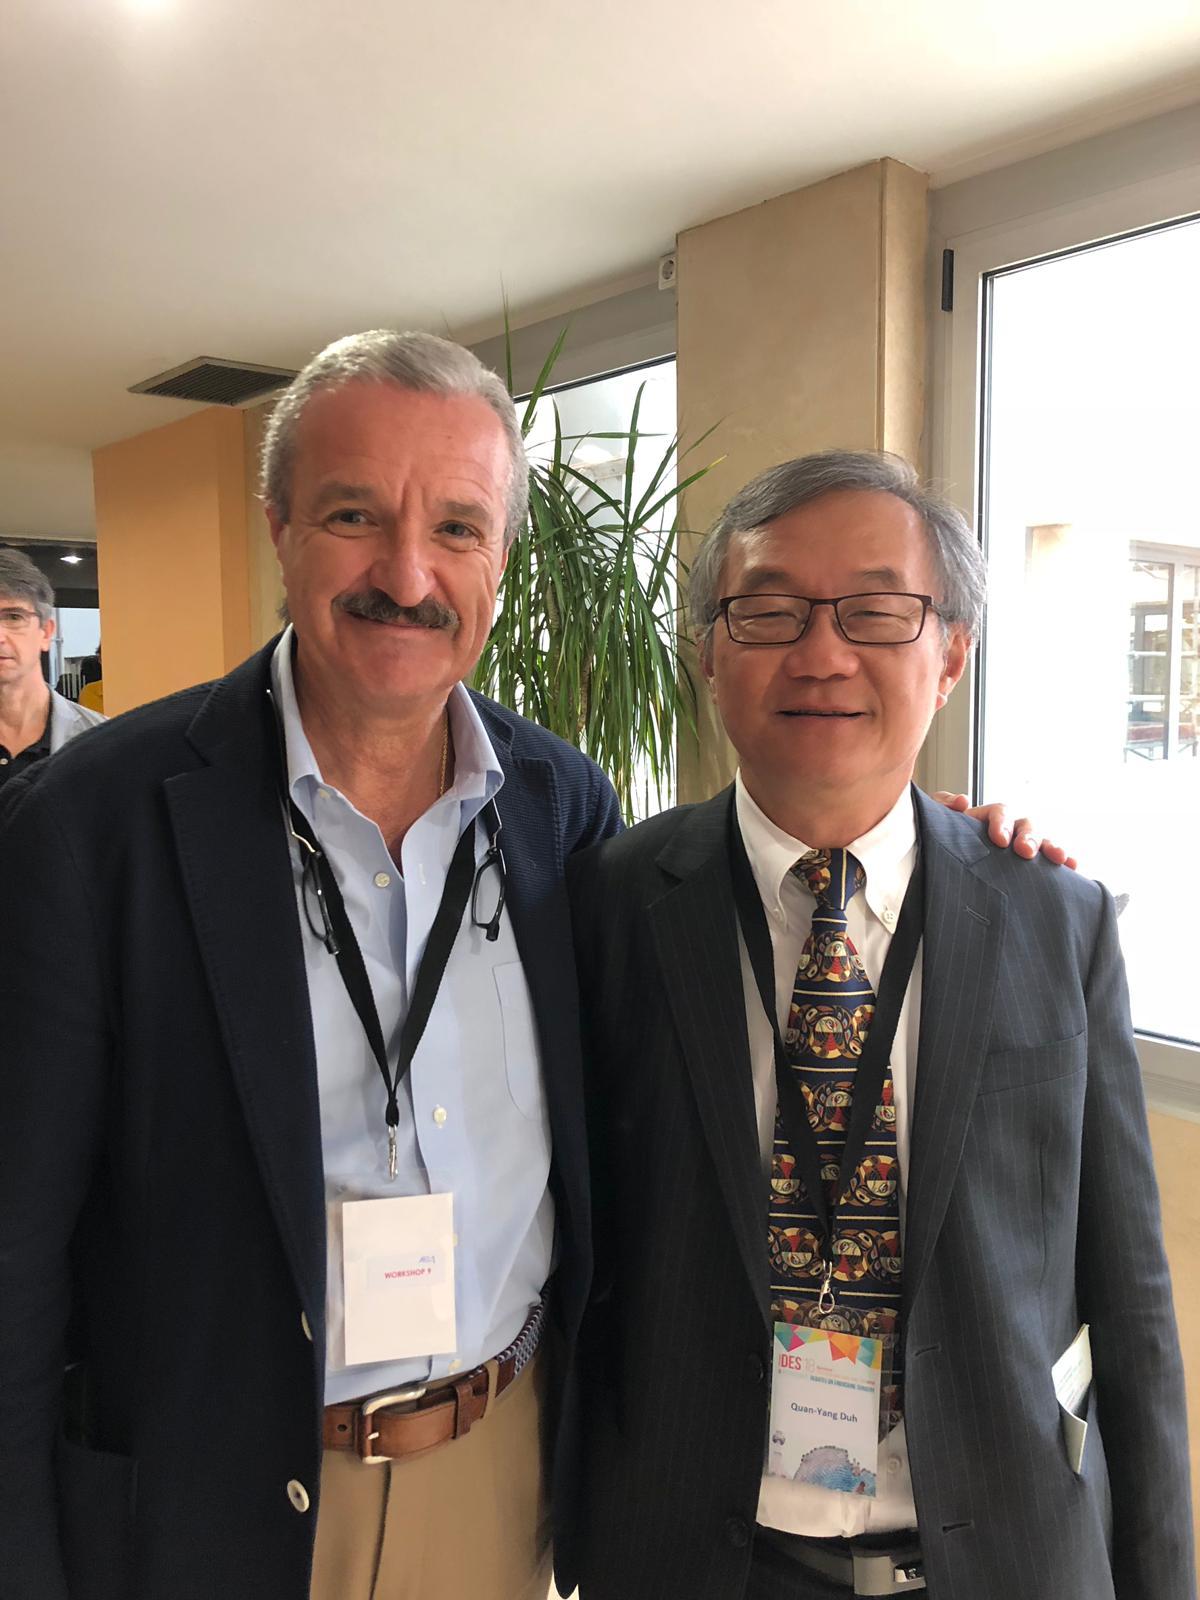 El Dr. Gluckmann con el Dr. Quan-Yang Duh de San Francisco (USA)